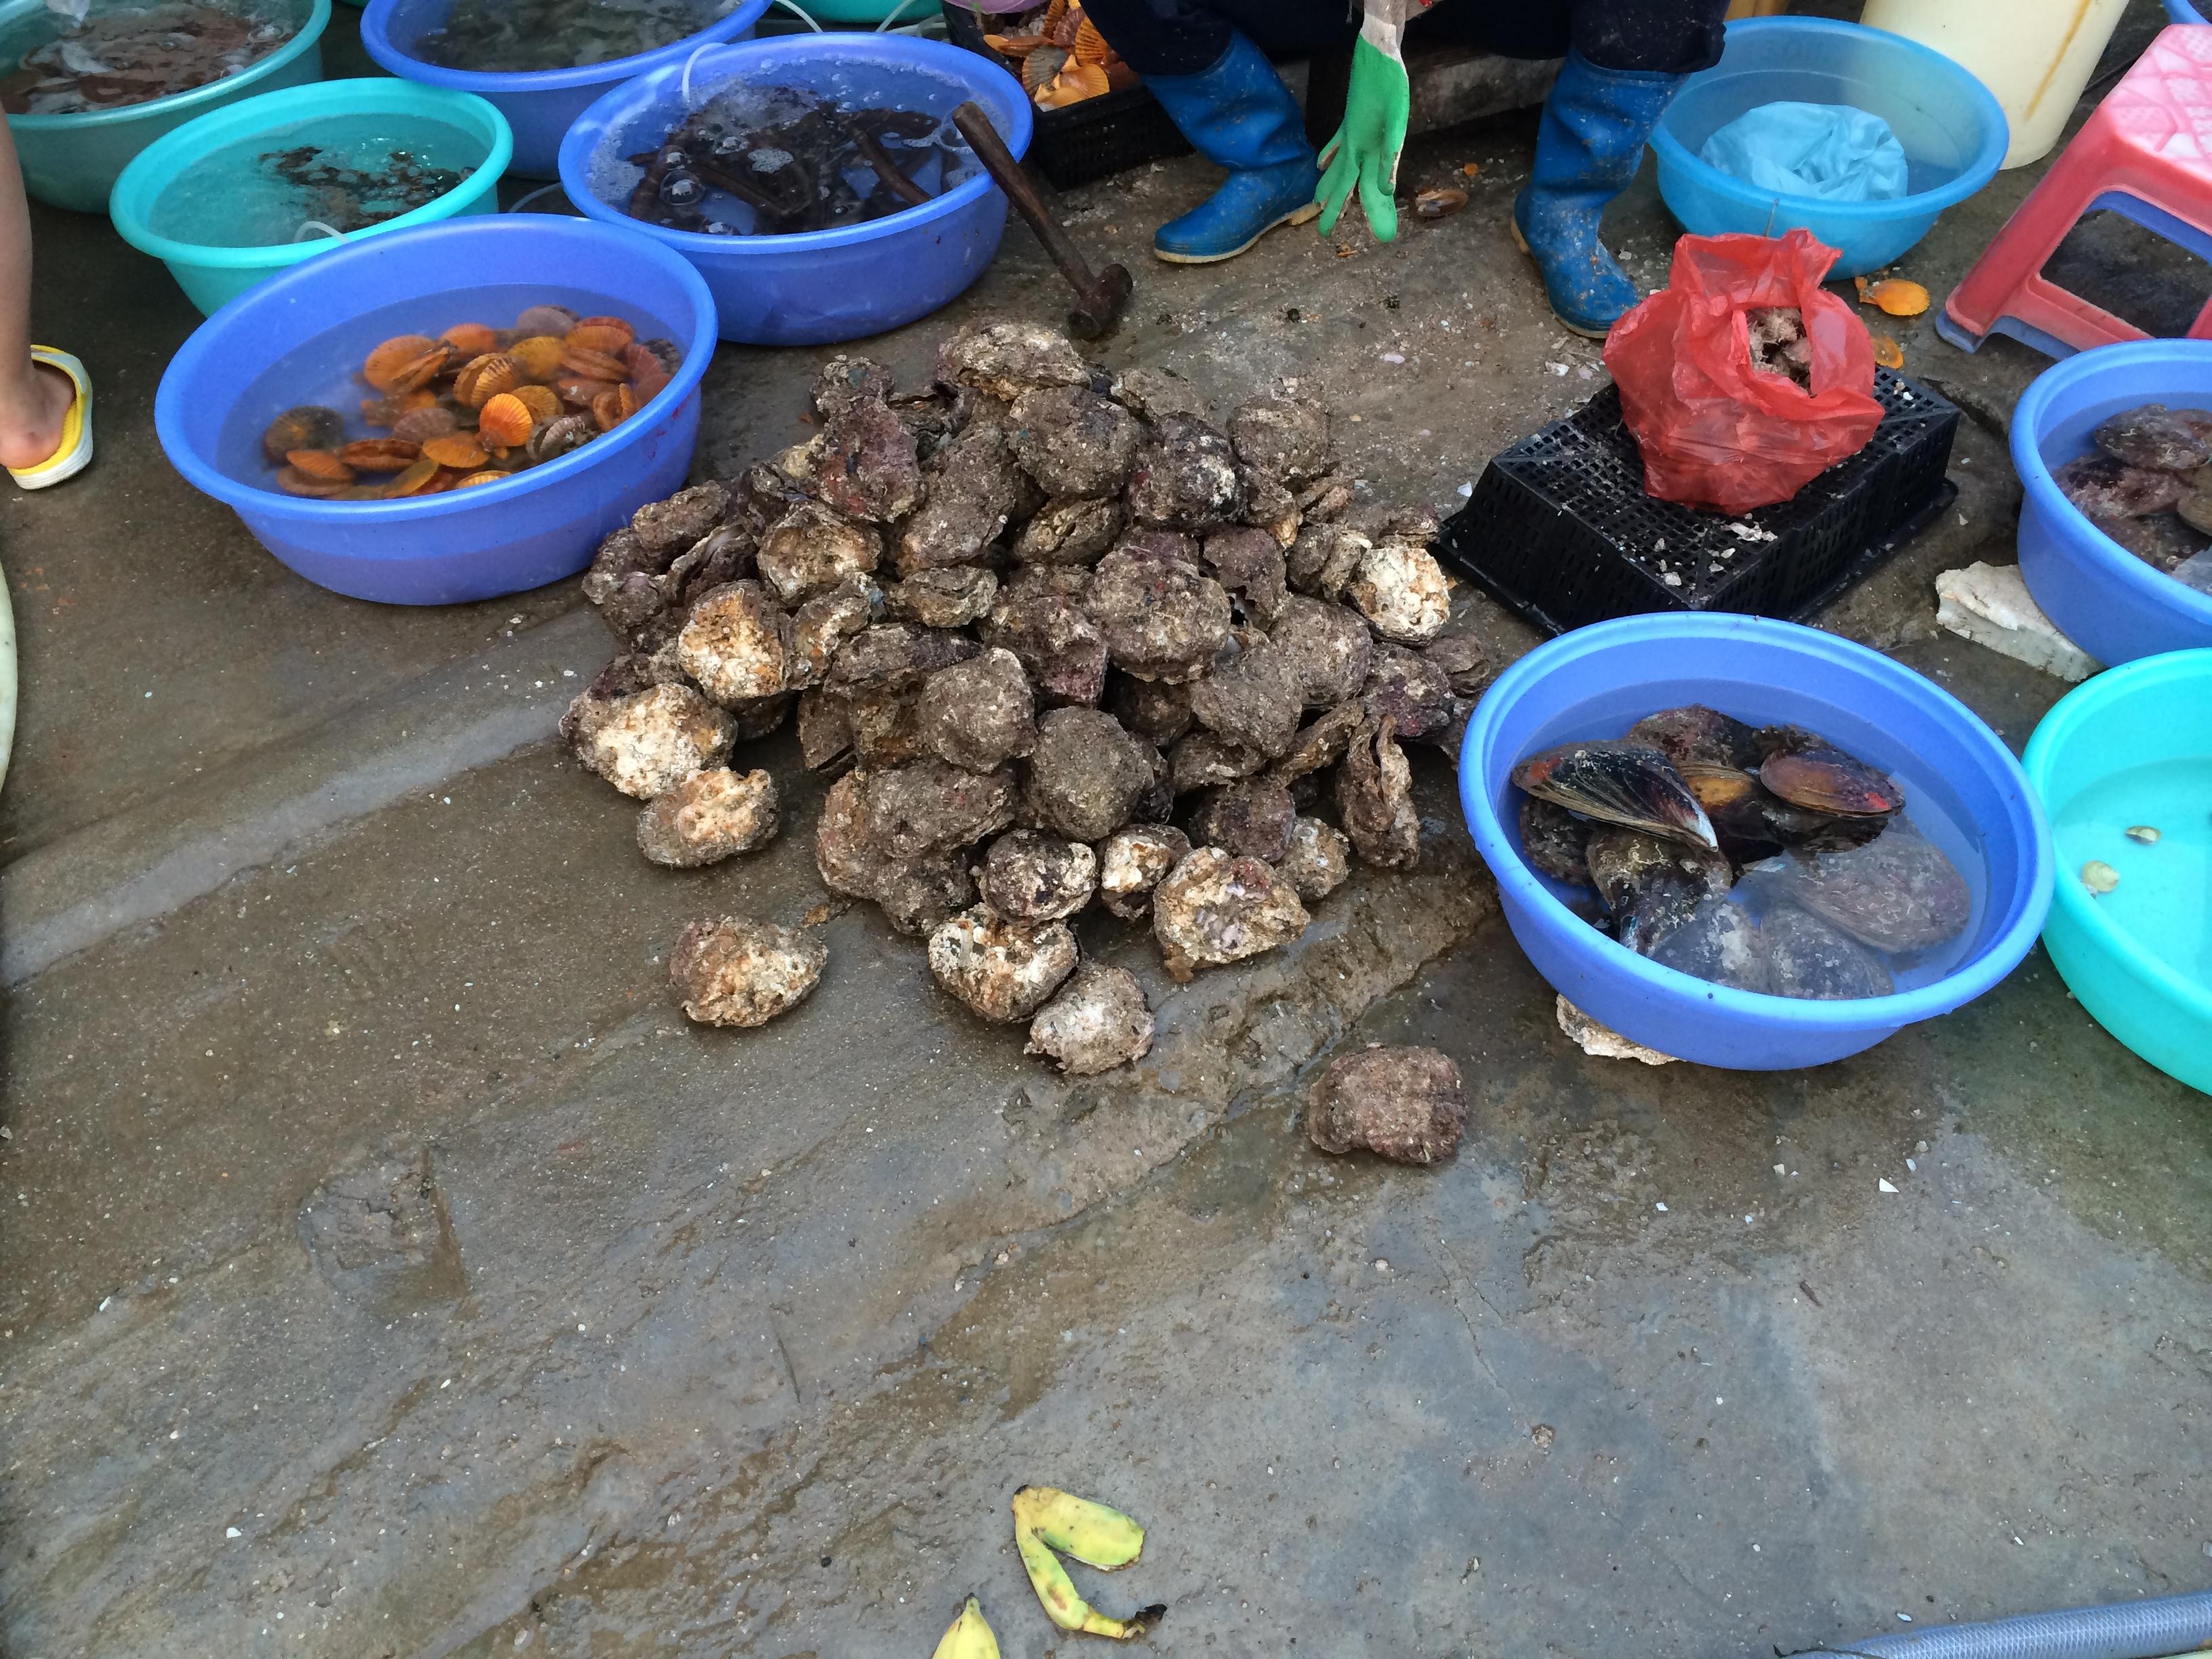 北海&涠洲岛,围绕海鲜市场的吃喝之旅